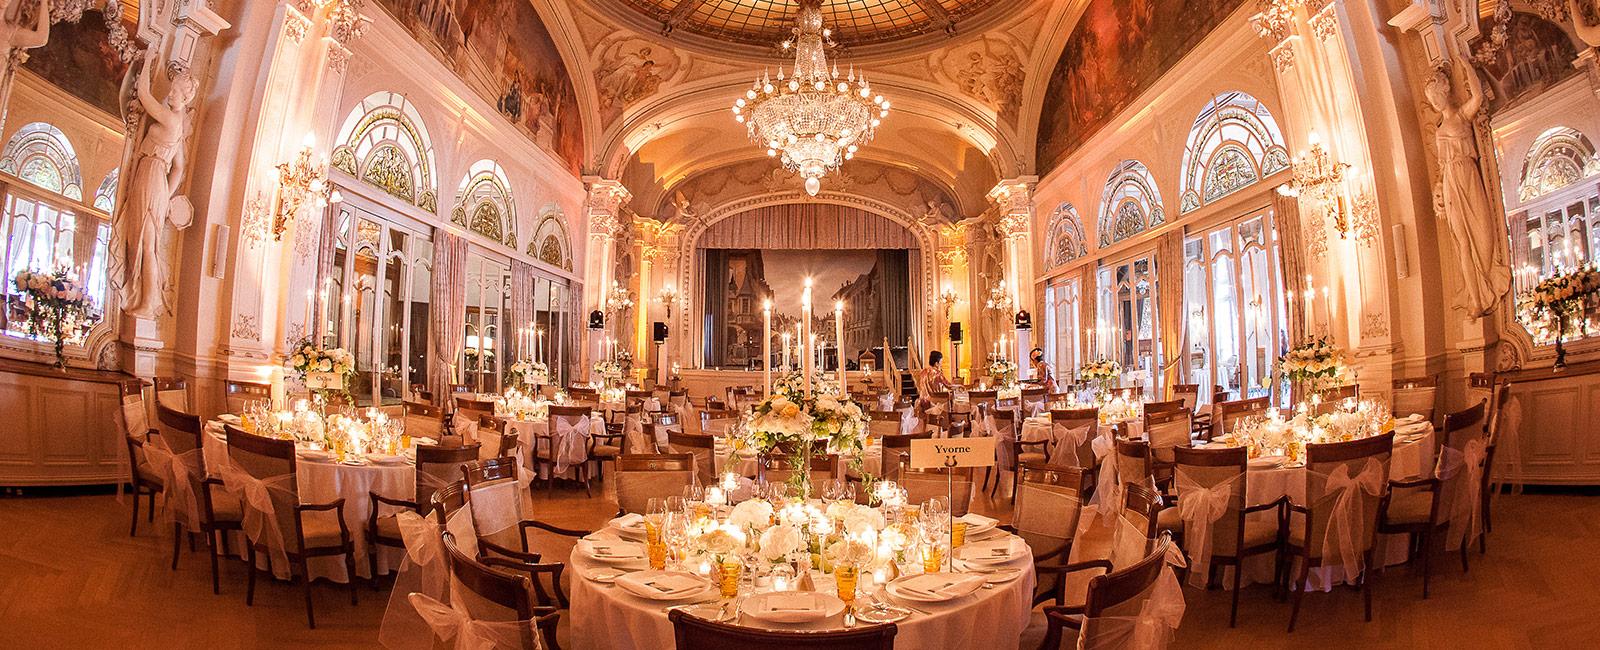 Fairmont-Le-Montreux-Palace_interior